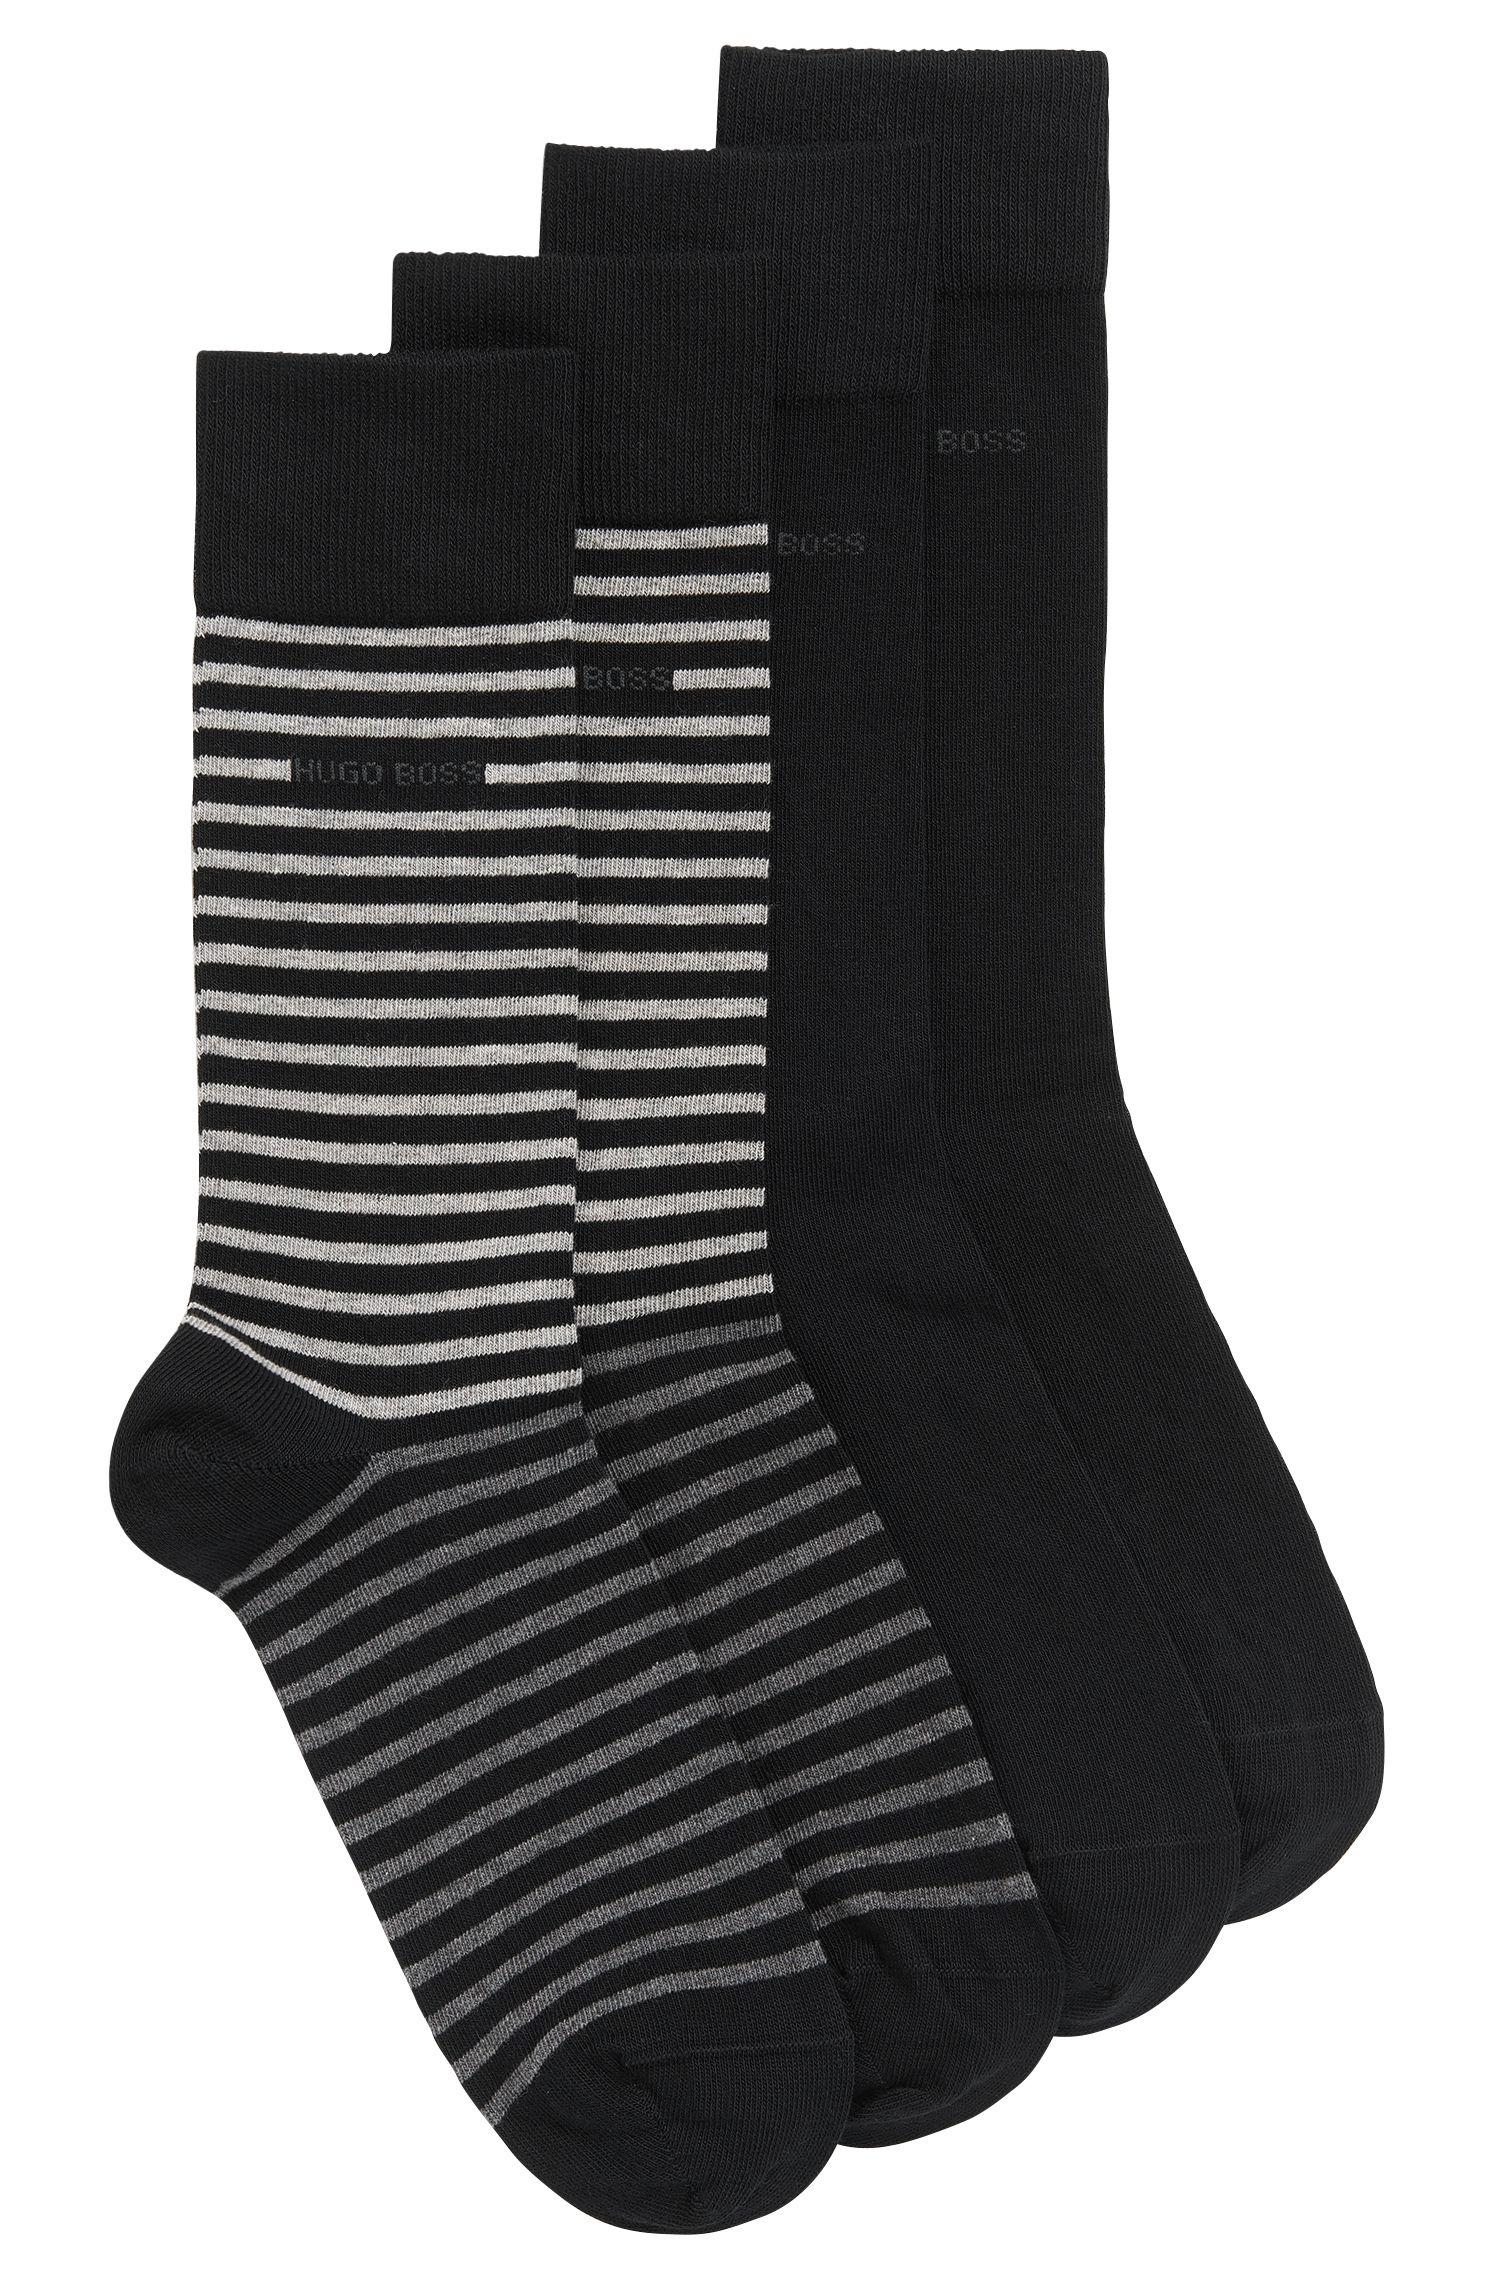 Zweier-Pack leichte Socken aus gekämmtem Baumwoll-Mix